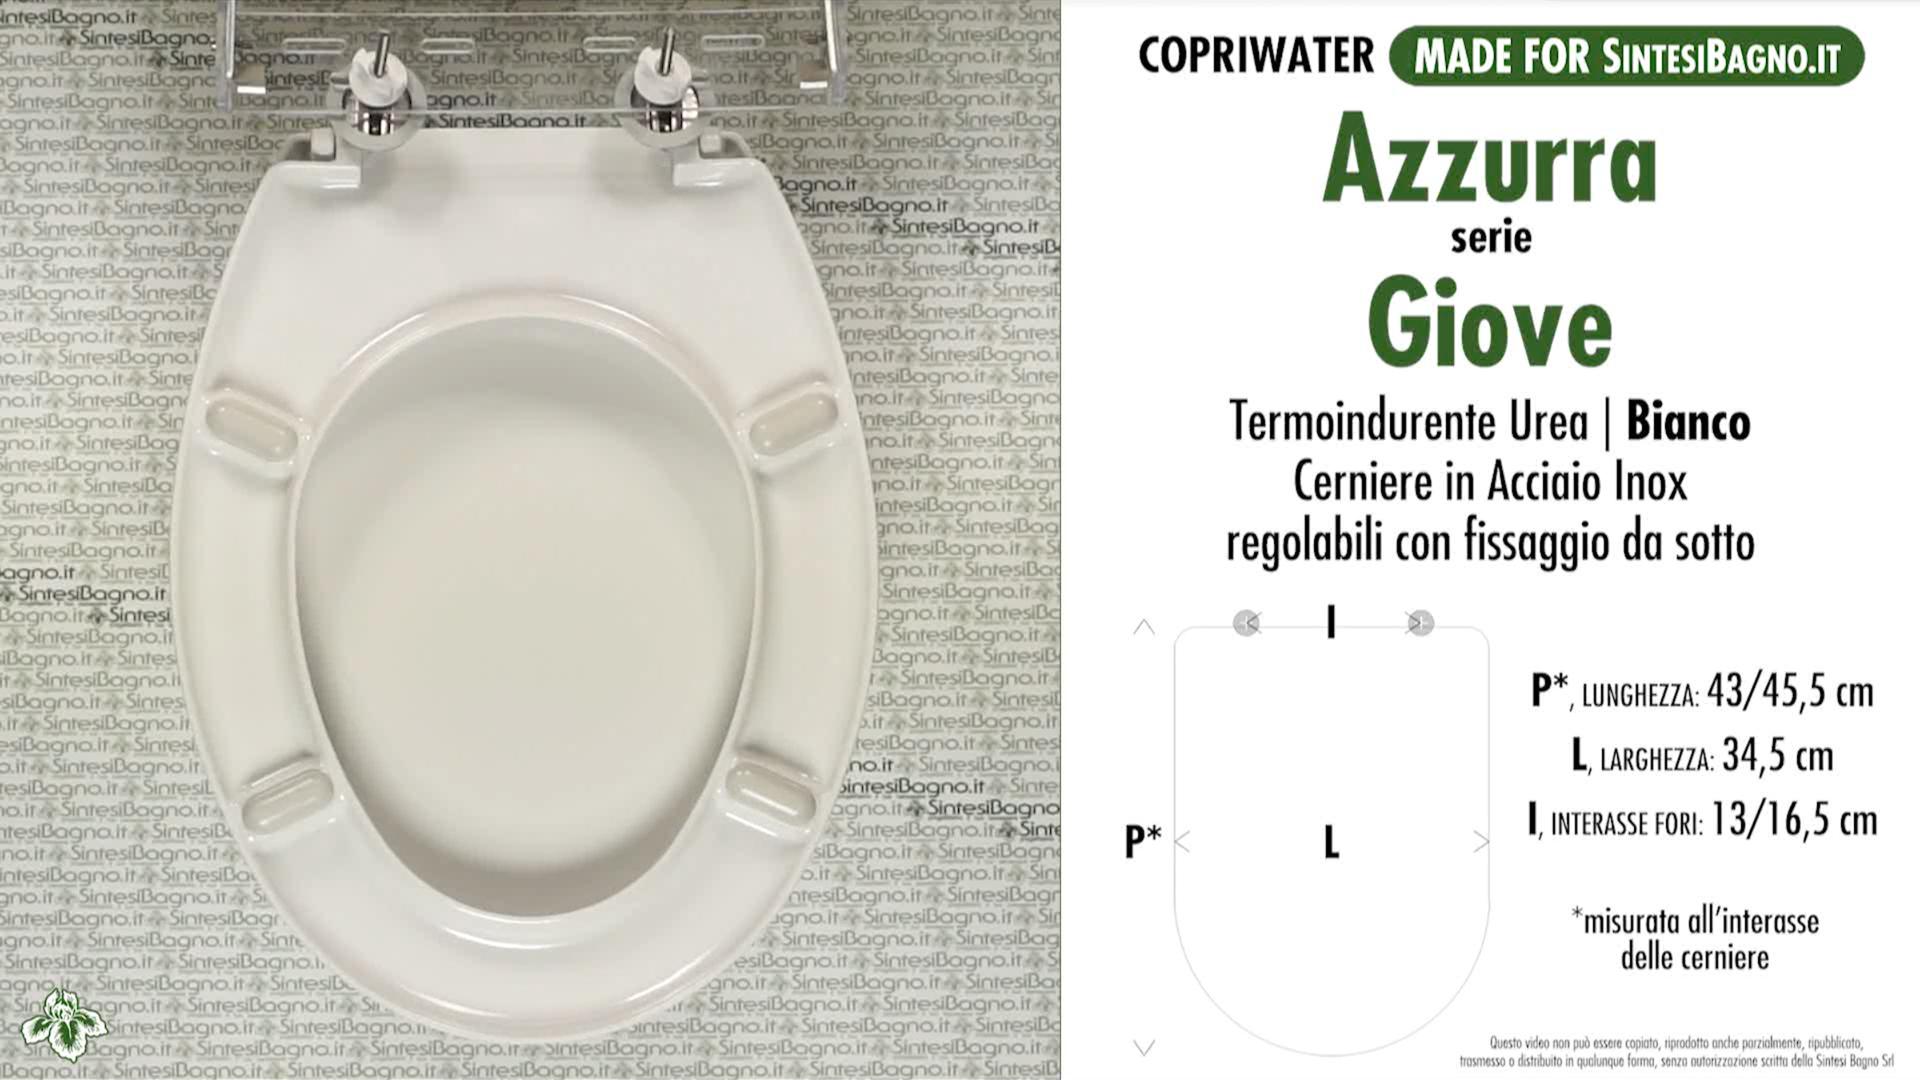 SCHEDA TECNICA MISURE copriwater AZZURRA GIOVE